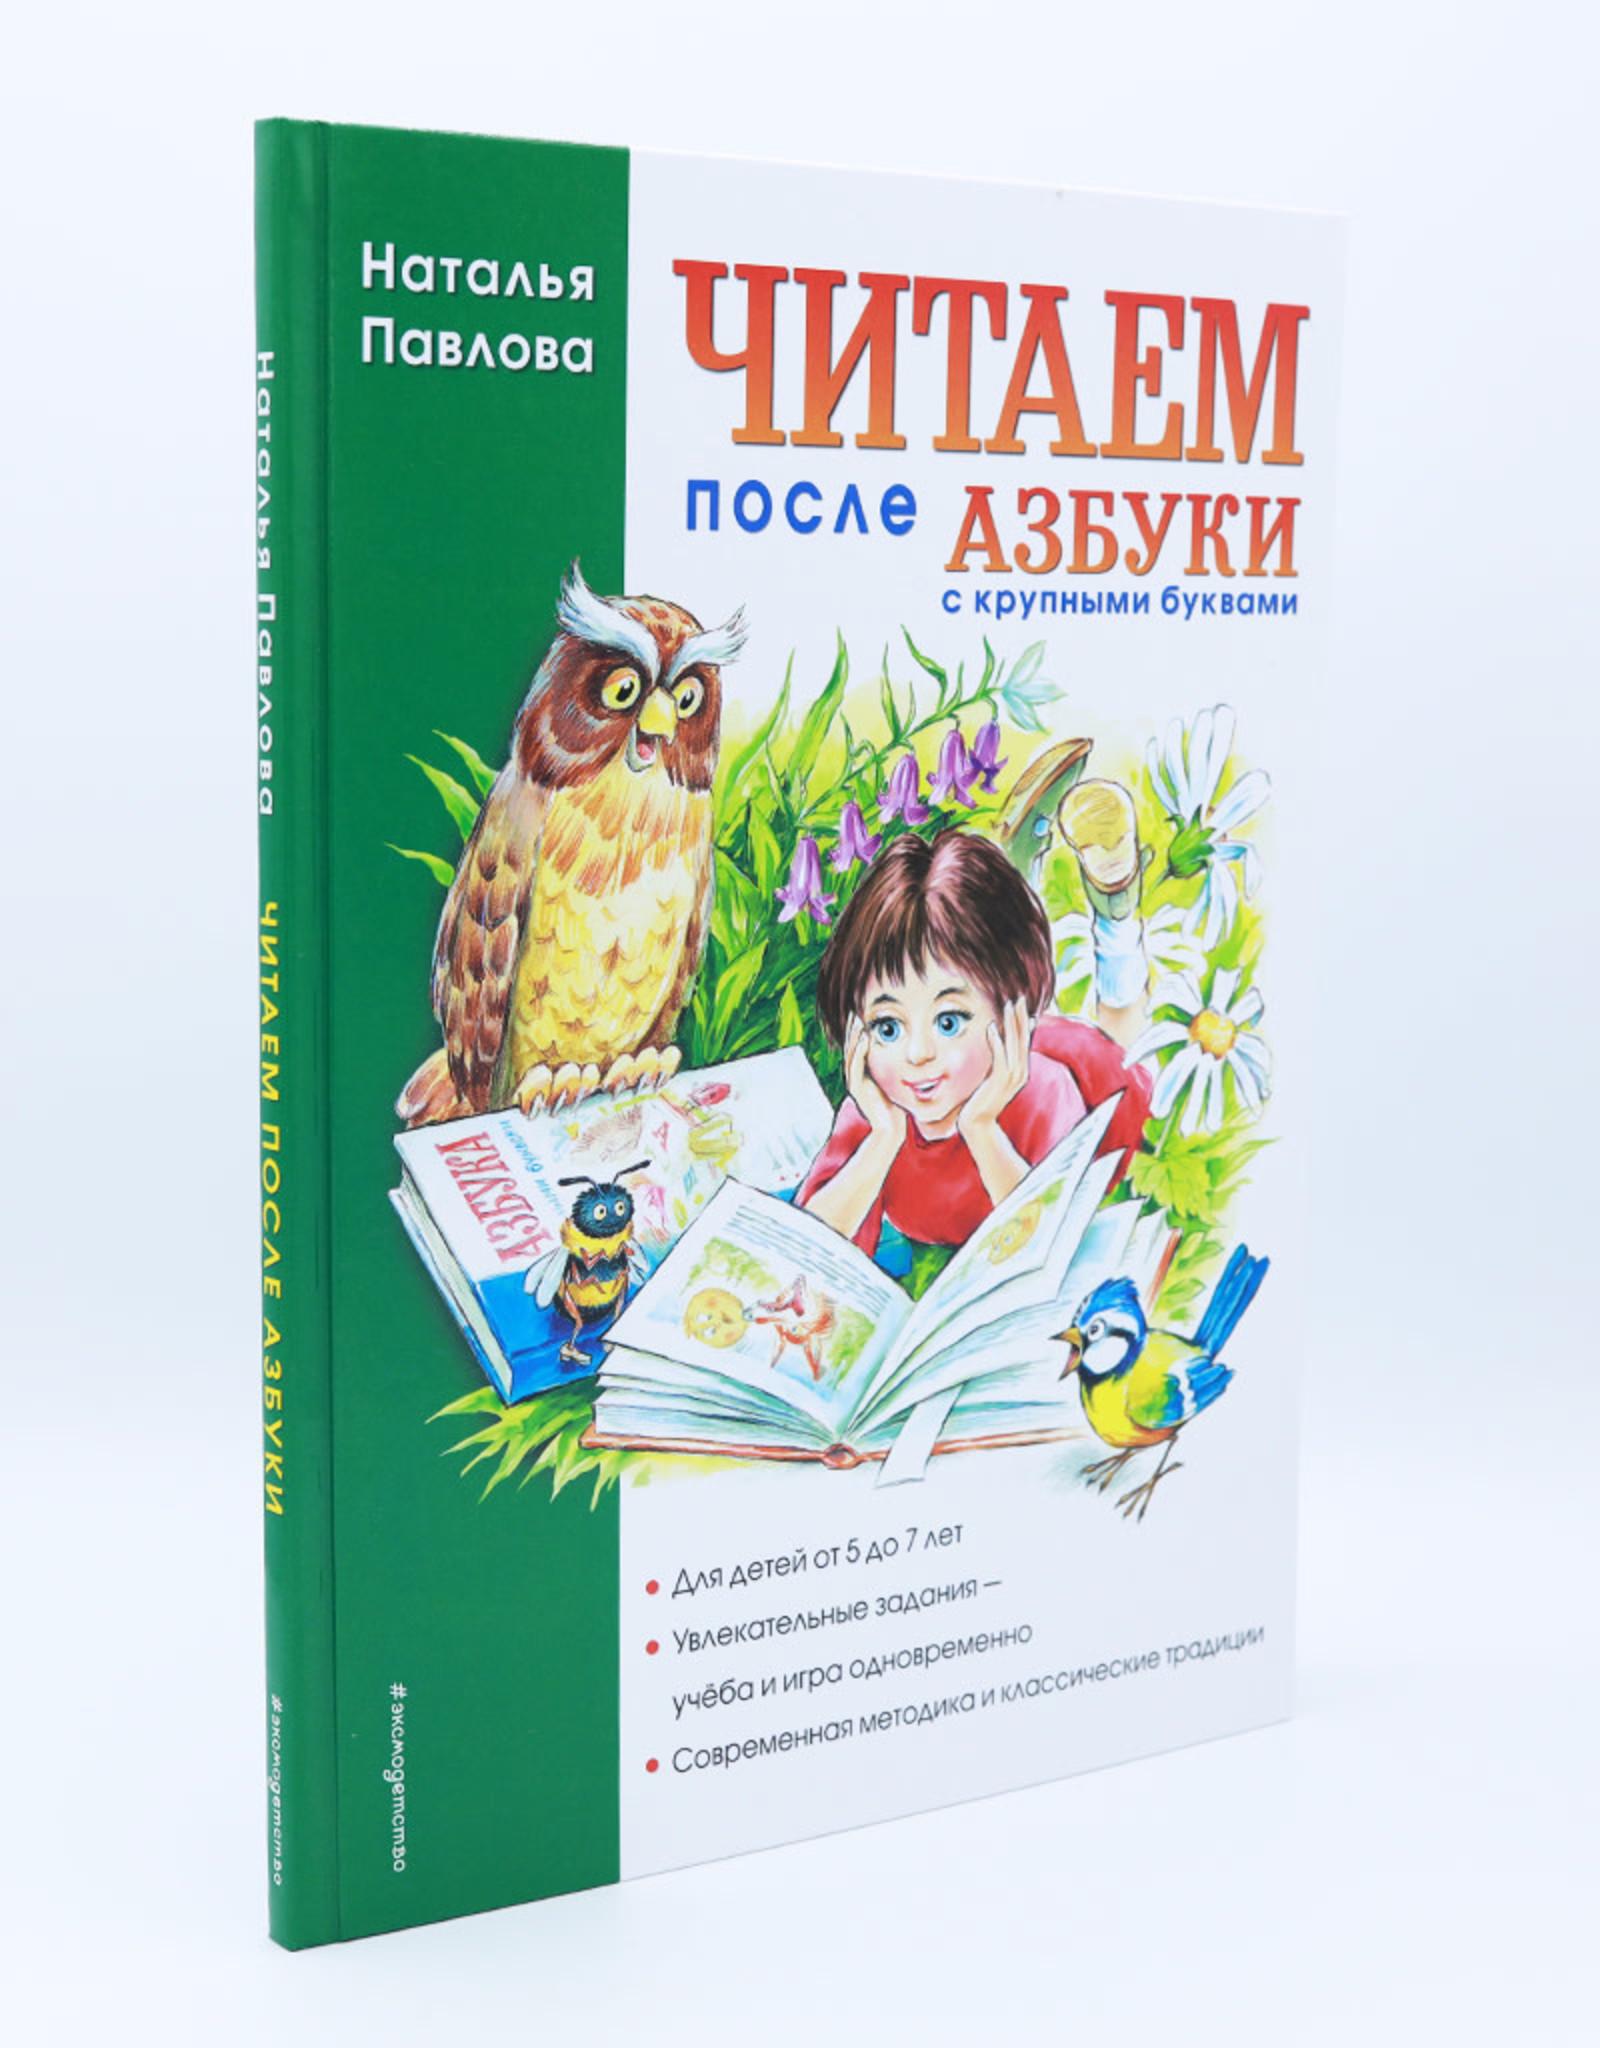 Читаем после Азбуки